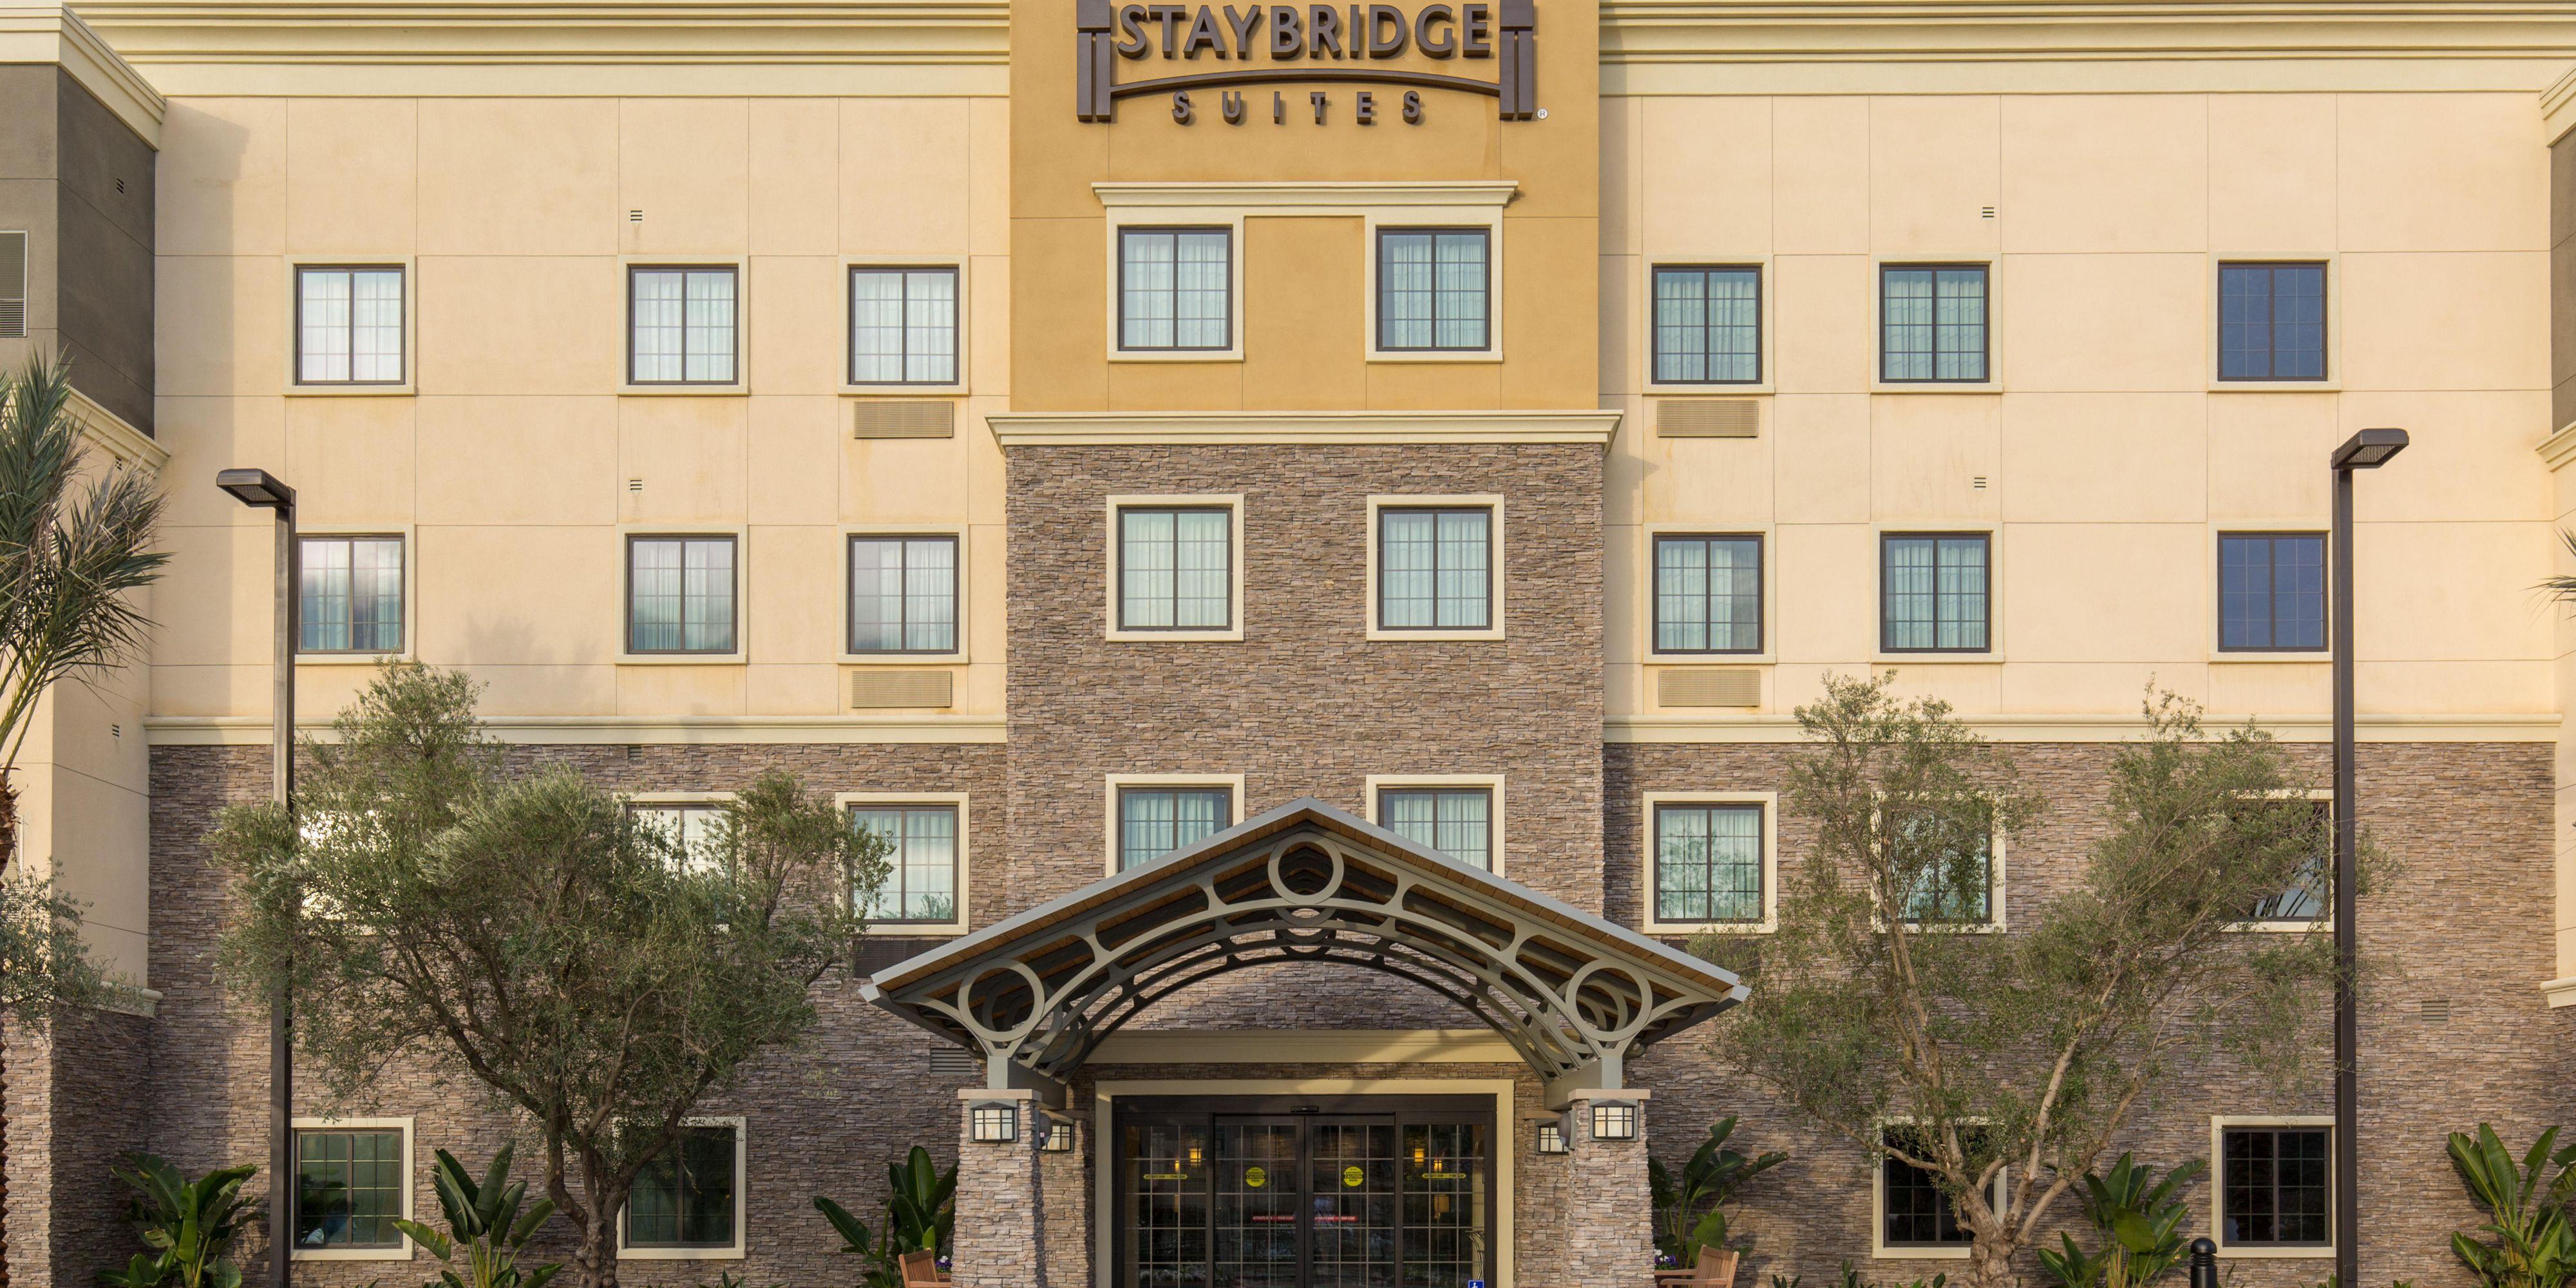 Staybridge Suites Corona South image 0